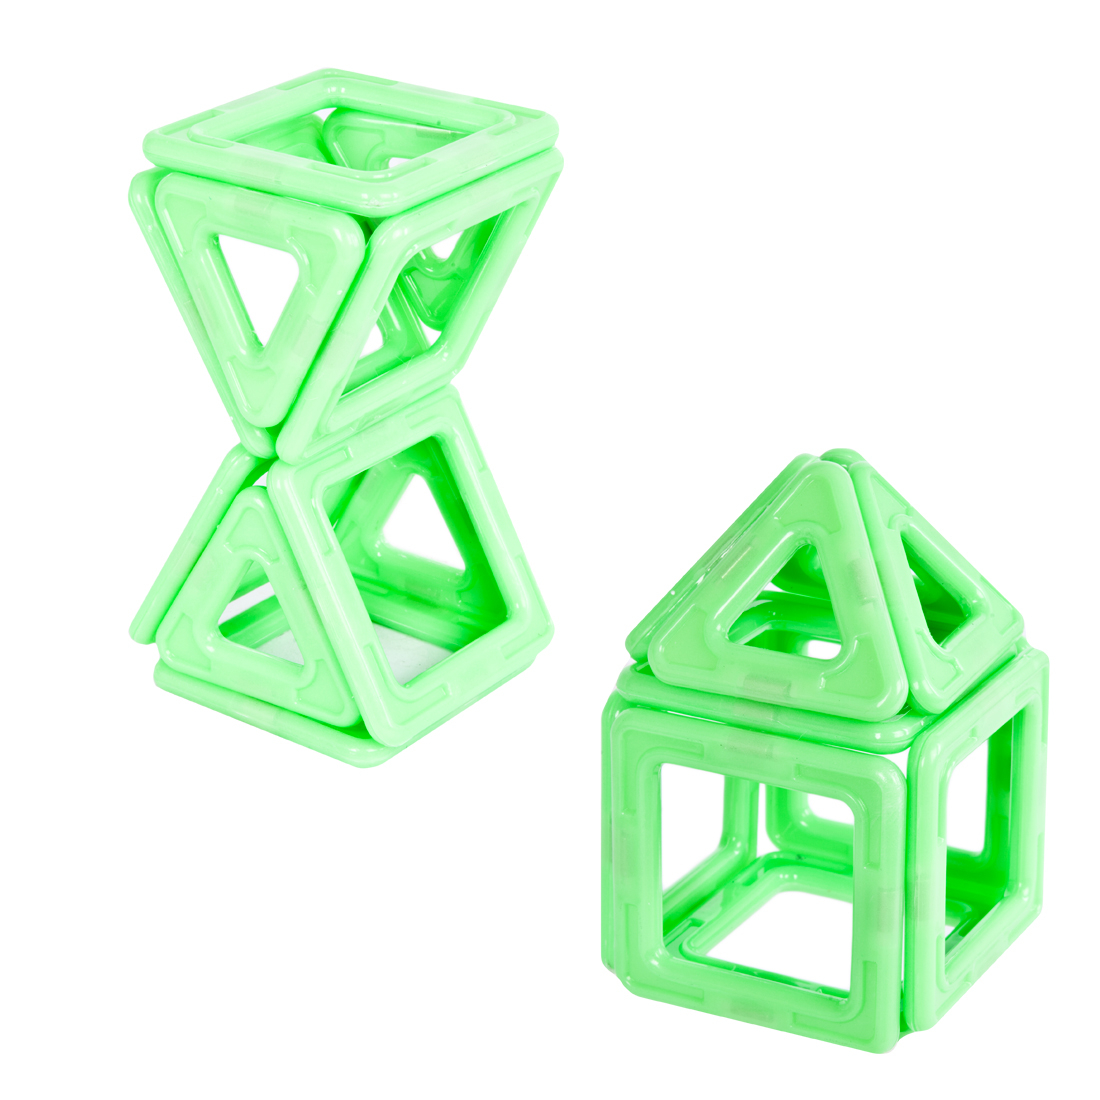 Магнитные Xinbida Конструктор магнитный 3D Xinbida светящийся 14 дет. конструктор lepin бой в подземелье 94 дет 18034